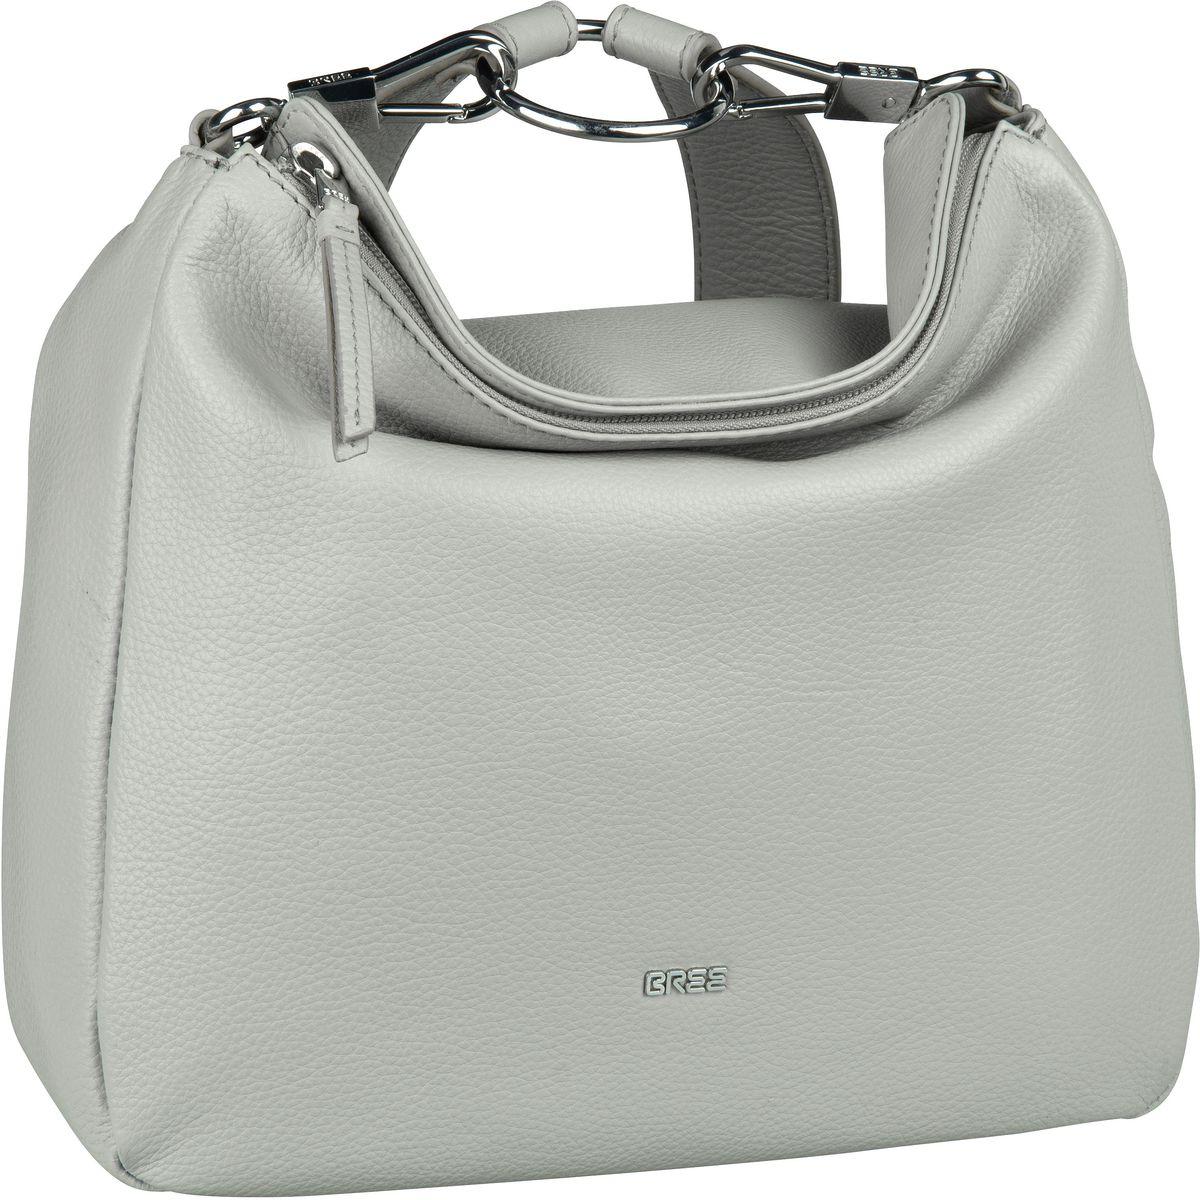 Rucksaecke für Frauen - Bree Rucksack Daypack Lia 9 Chinchilla  - Onlineshop Taschenkaufhaus